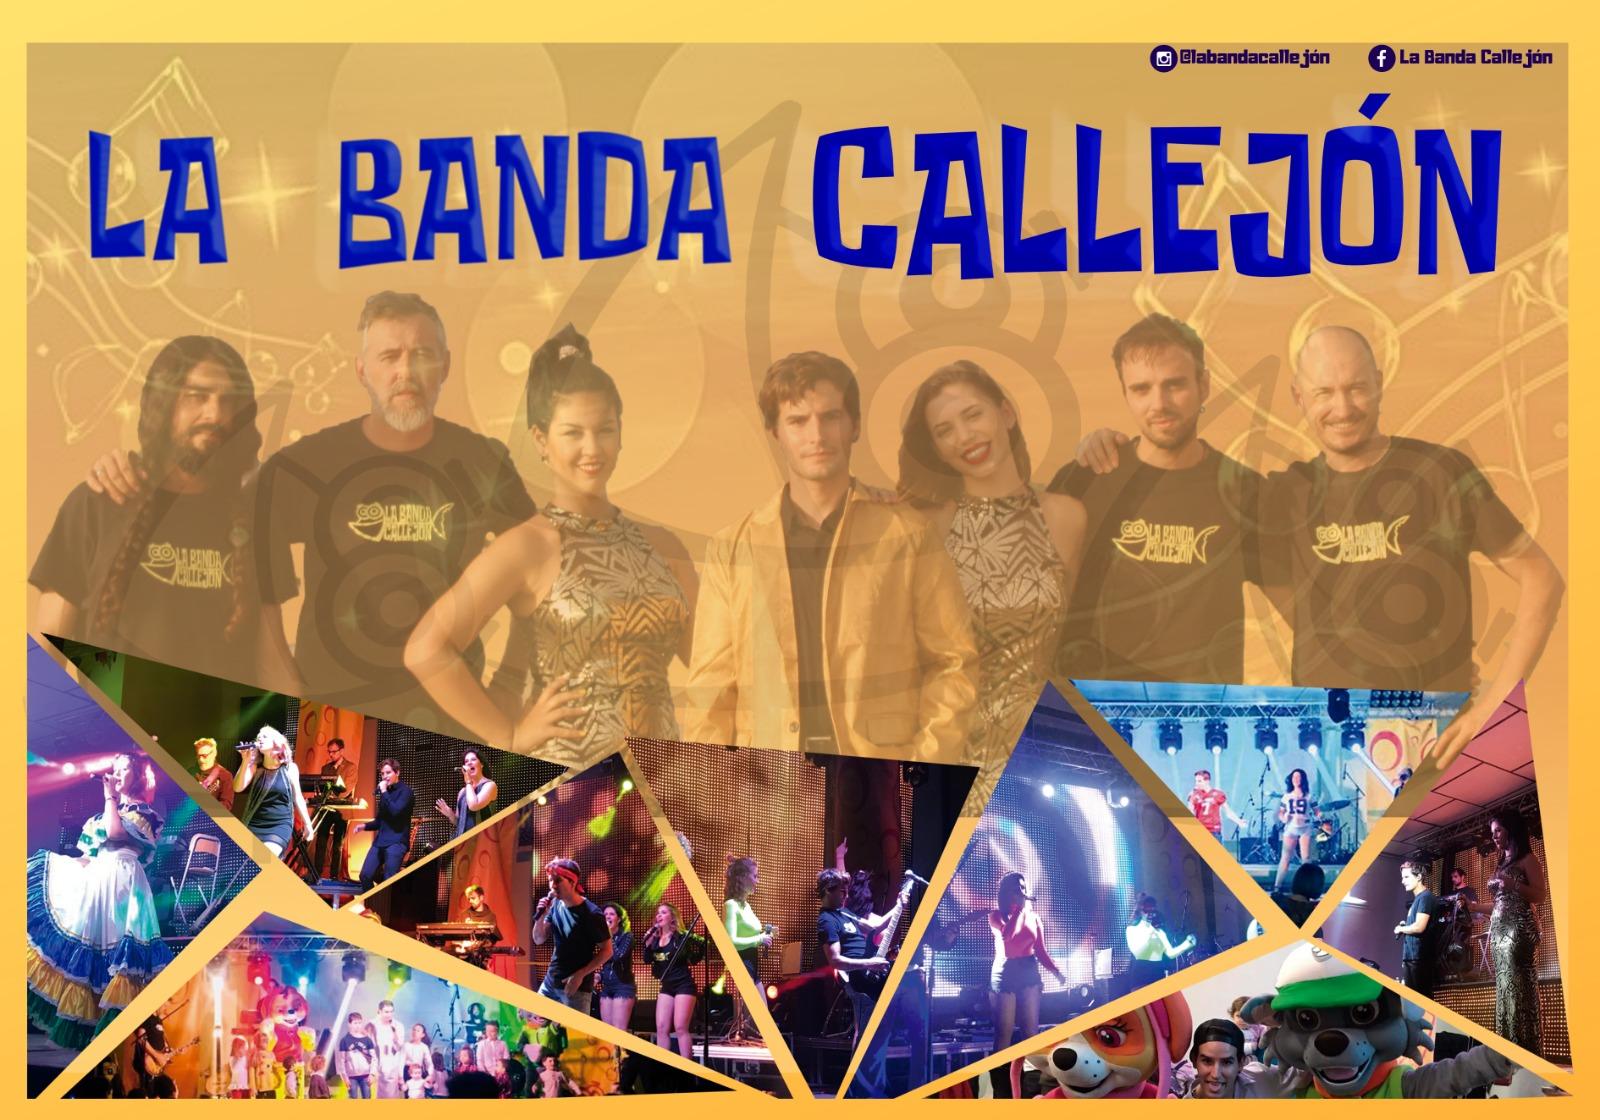 LA BANDA CALLEJON